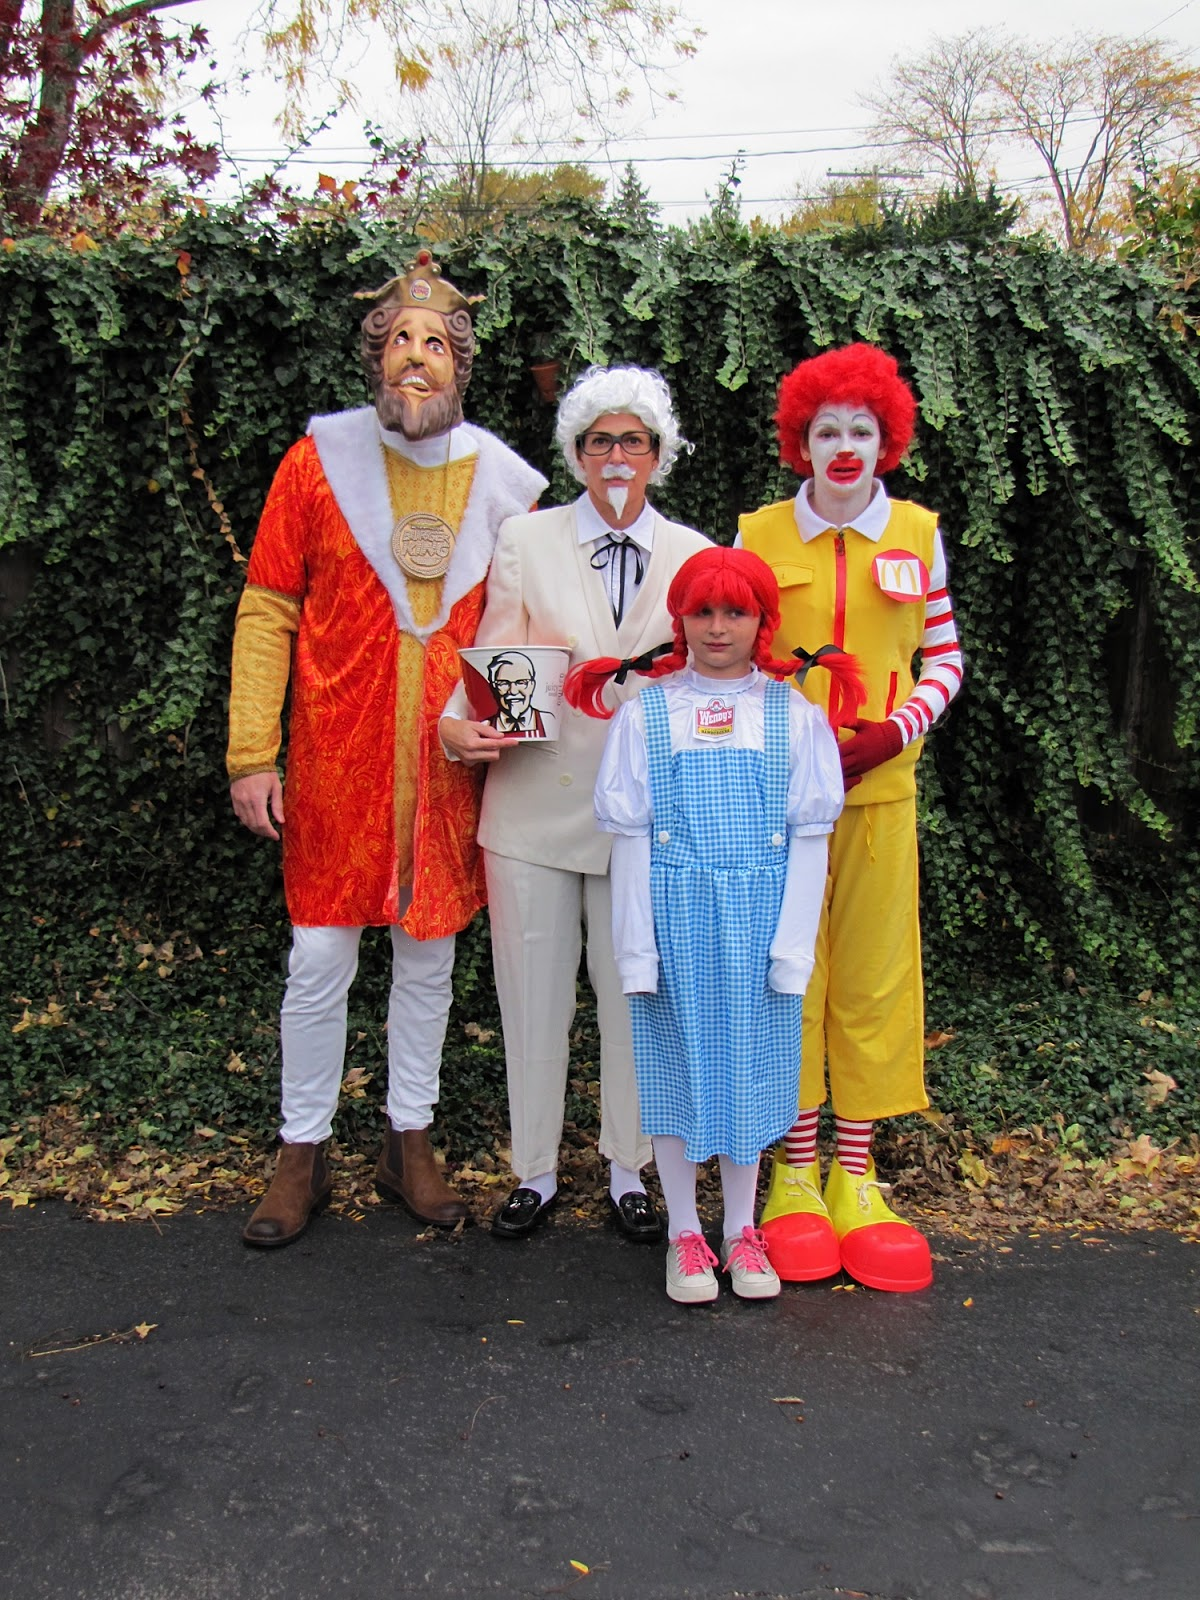 Colonel Sanders Costume Halloween